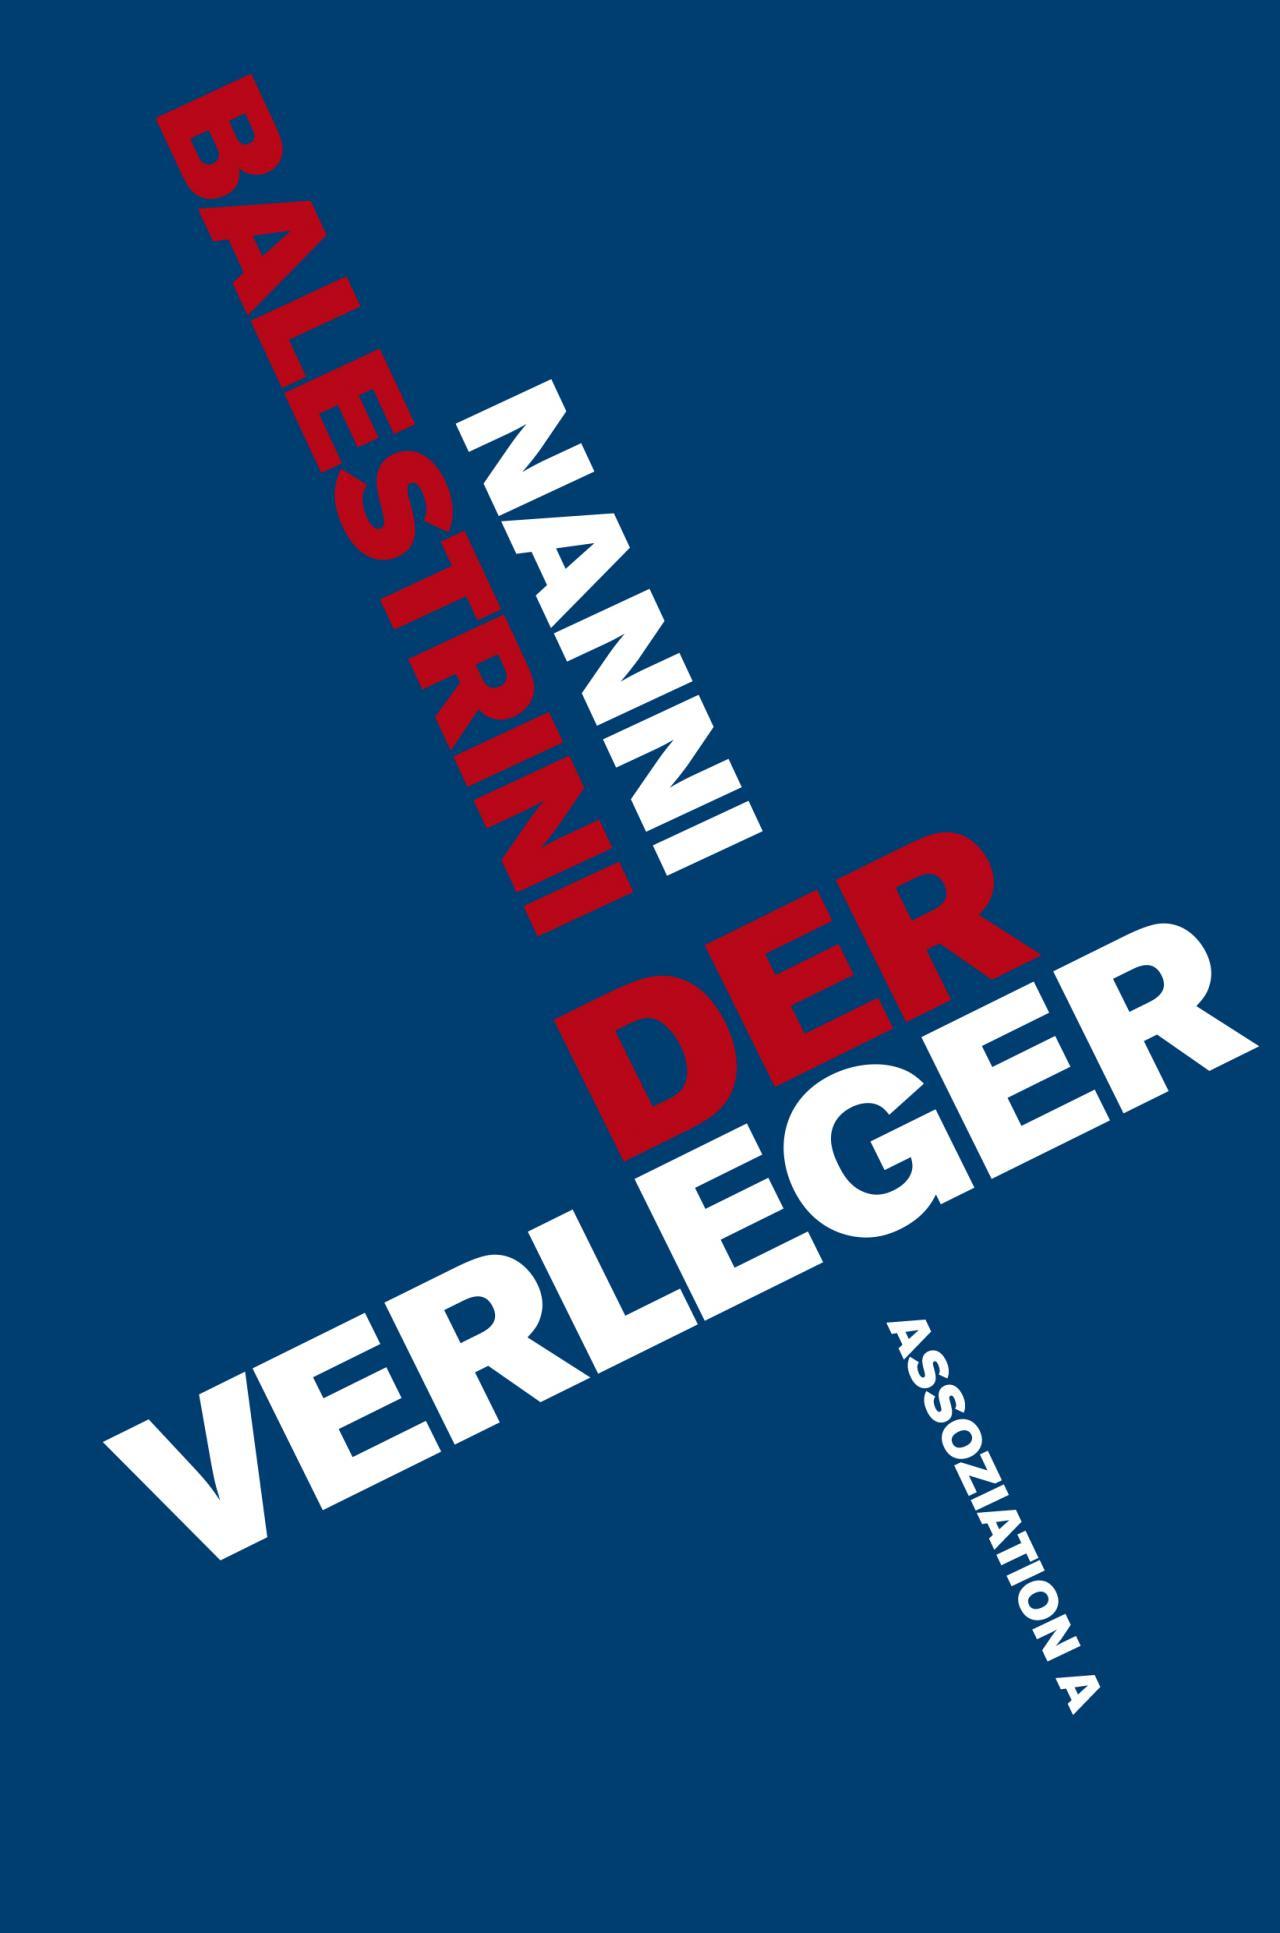 Buchcover mit dem Titel »Der Verleger«